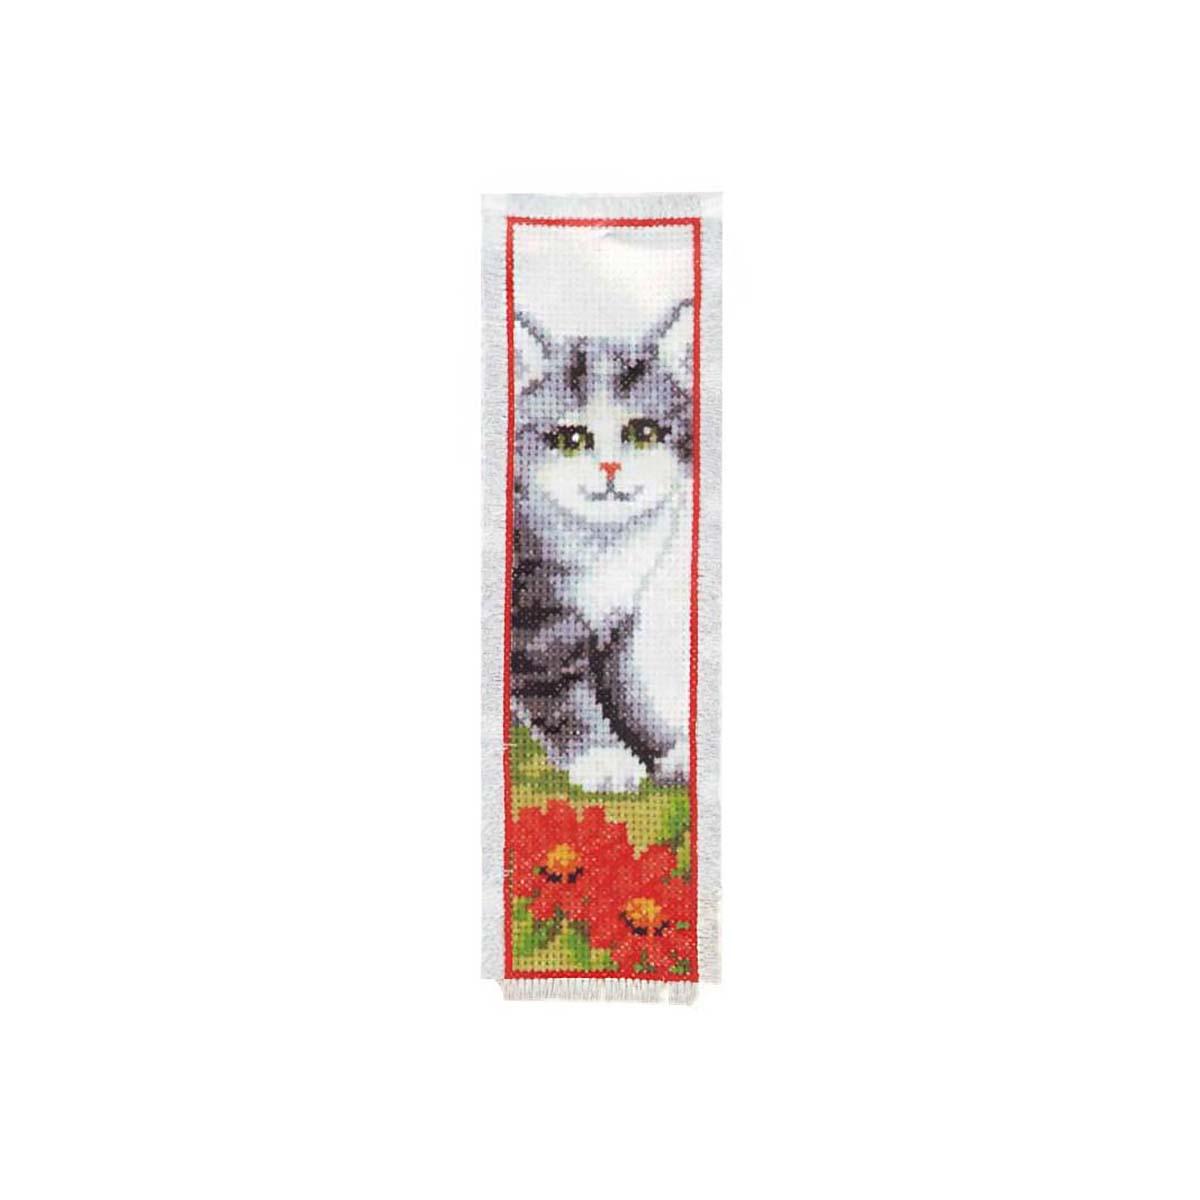 0143776-PN Закладка для книг 6*20см - комплект для вышивания